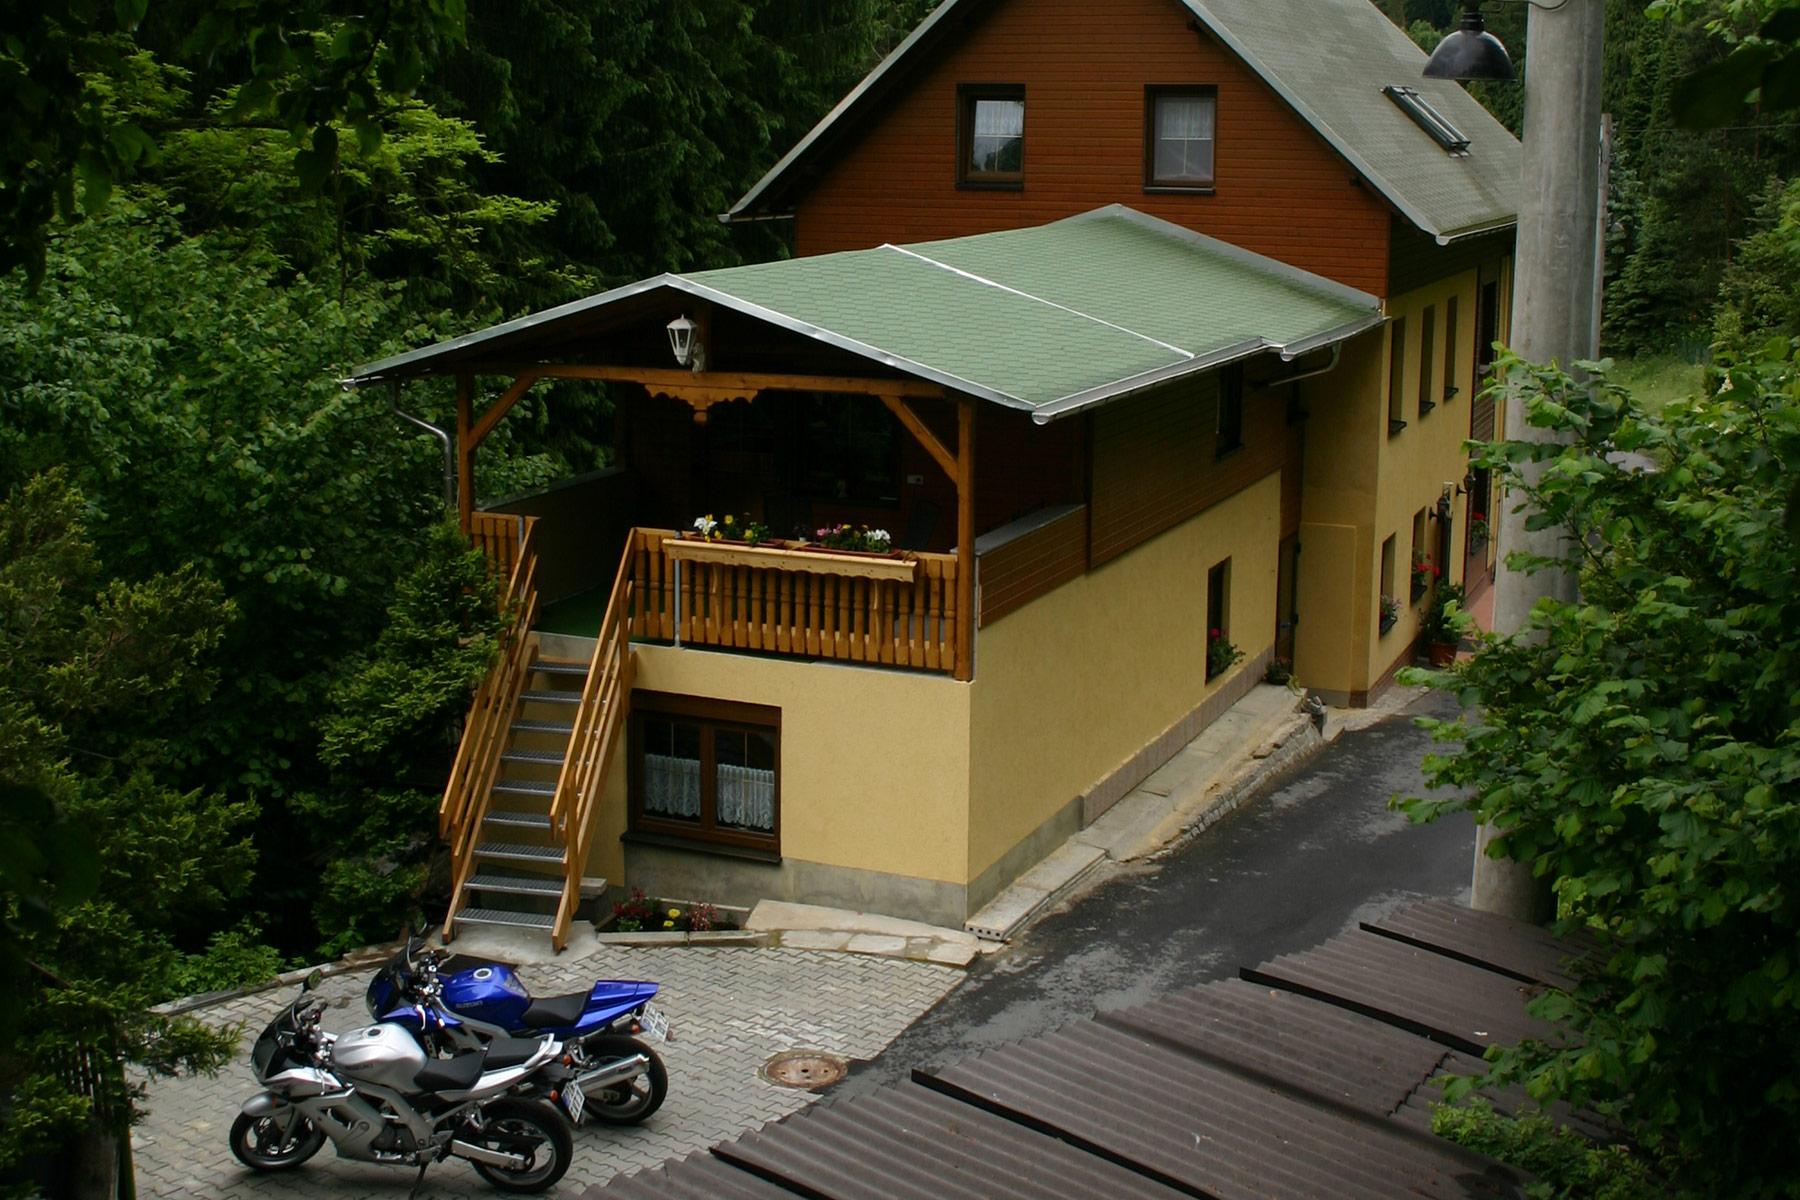 Biker Willkommen in der Pension Zaukeneck Bad Schandau